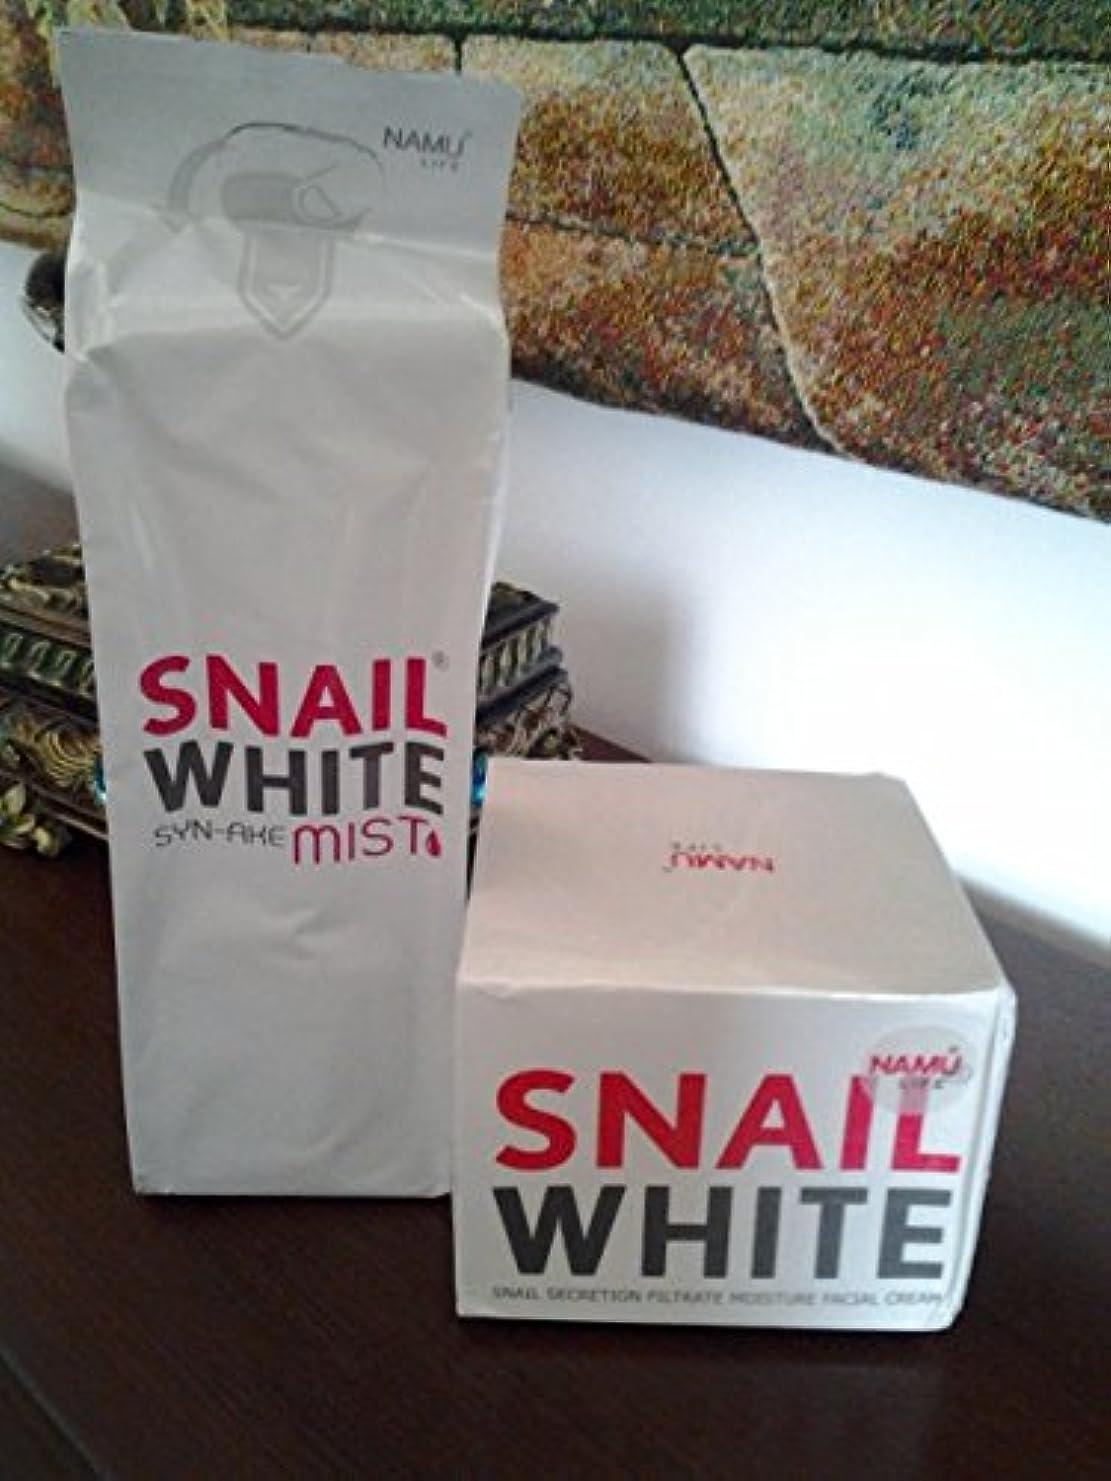 に渡って活性化するヒロイックSnailホワイトクリーム+カタツムリホワイトsyn-ake Mist Snail